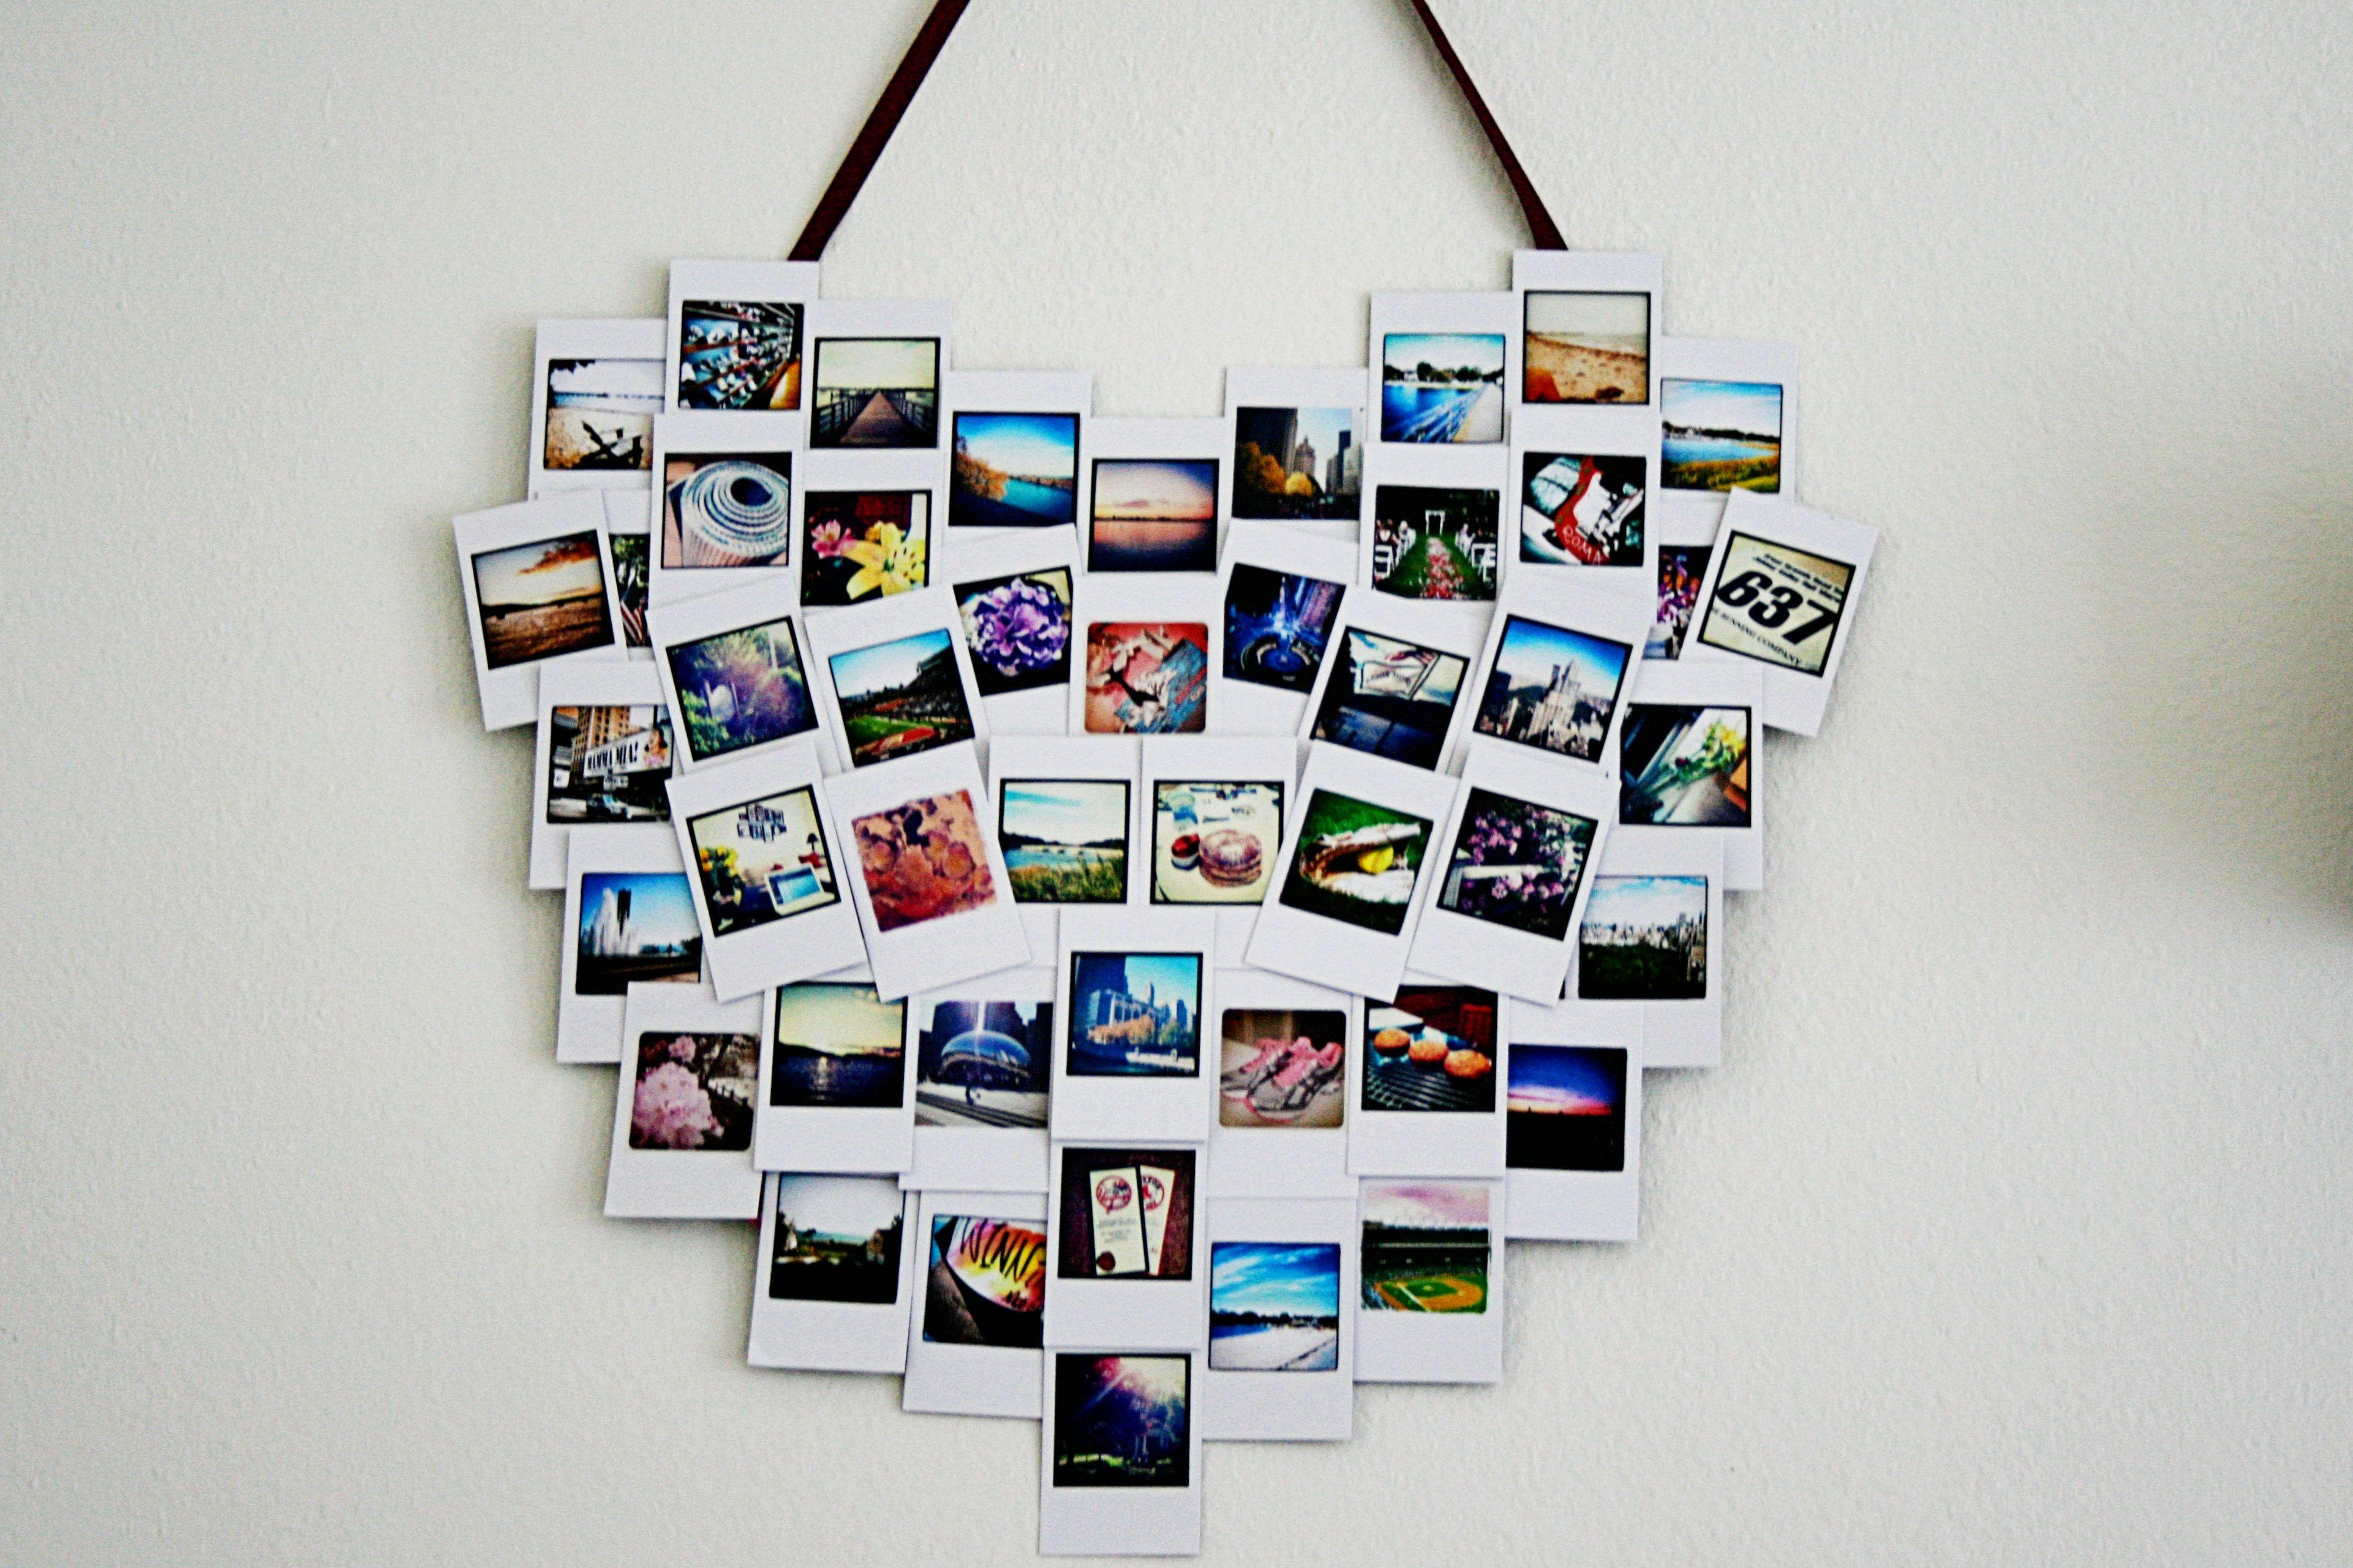 Сделать картинки из фотографий, сделать музыкальное